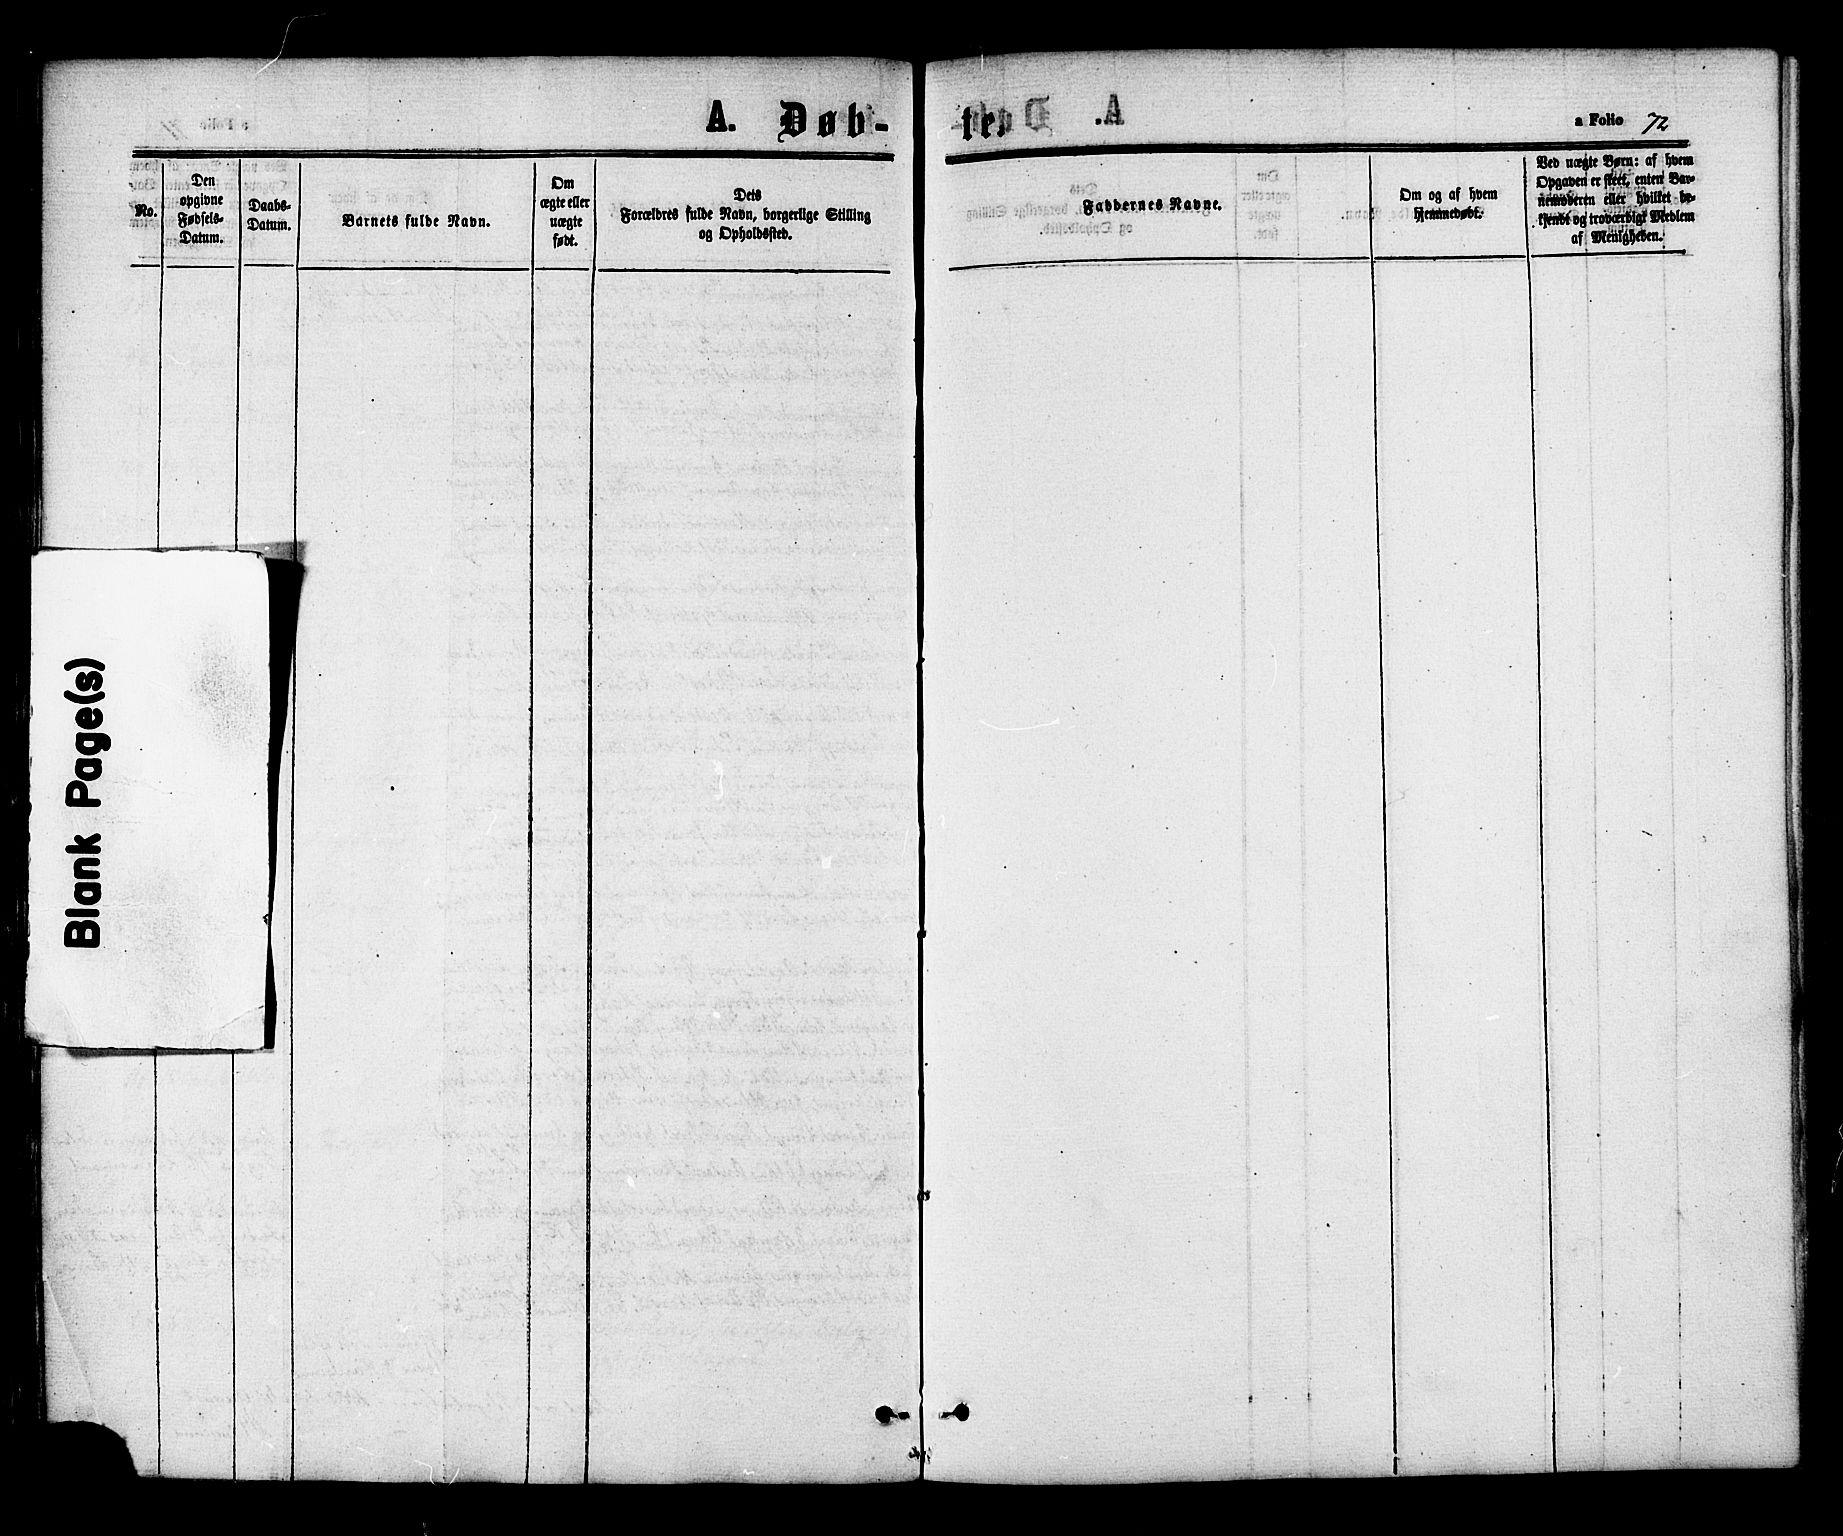 SAT, Ministerialprotokoller, klokkerbøker og fødselsregistre - Nord-Trøndelag, 703/L0029: Ministerialbok nr. 703A02, 1863-1879, s. 72